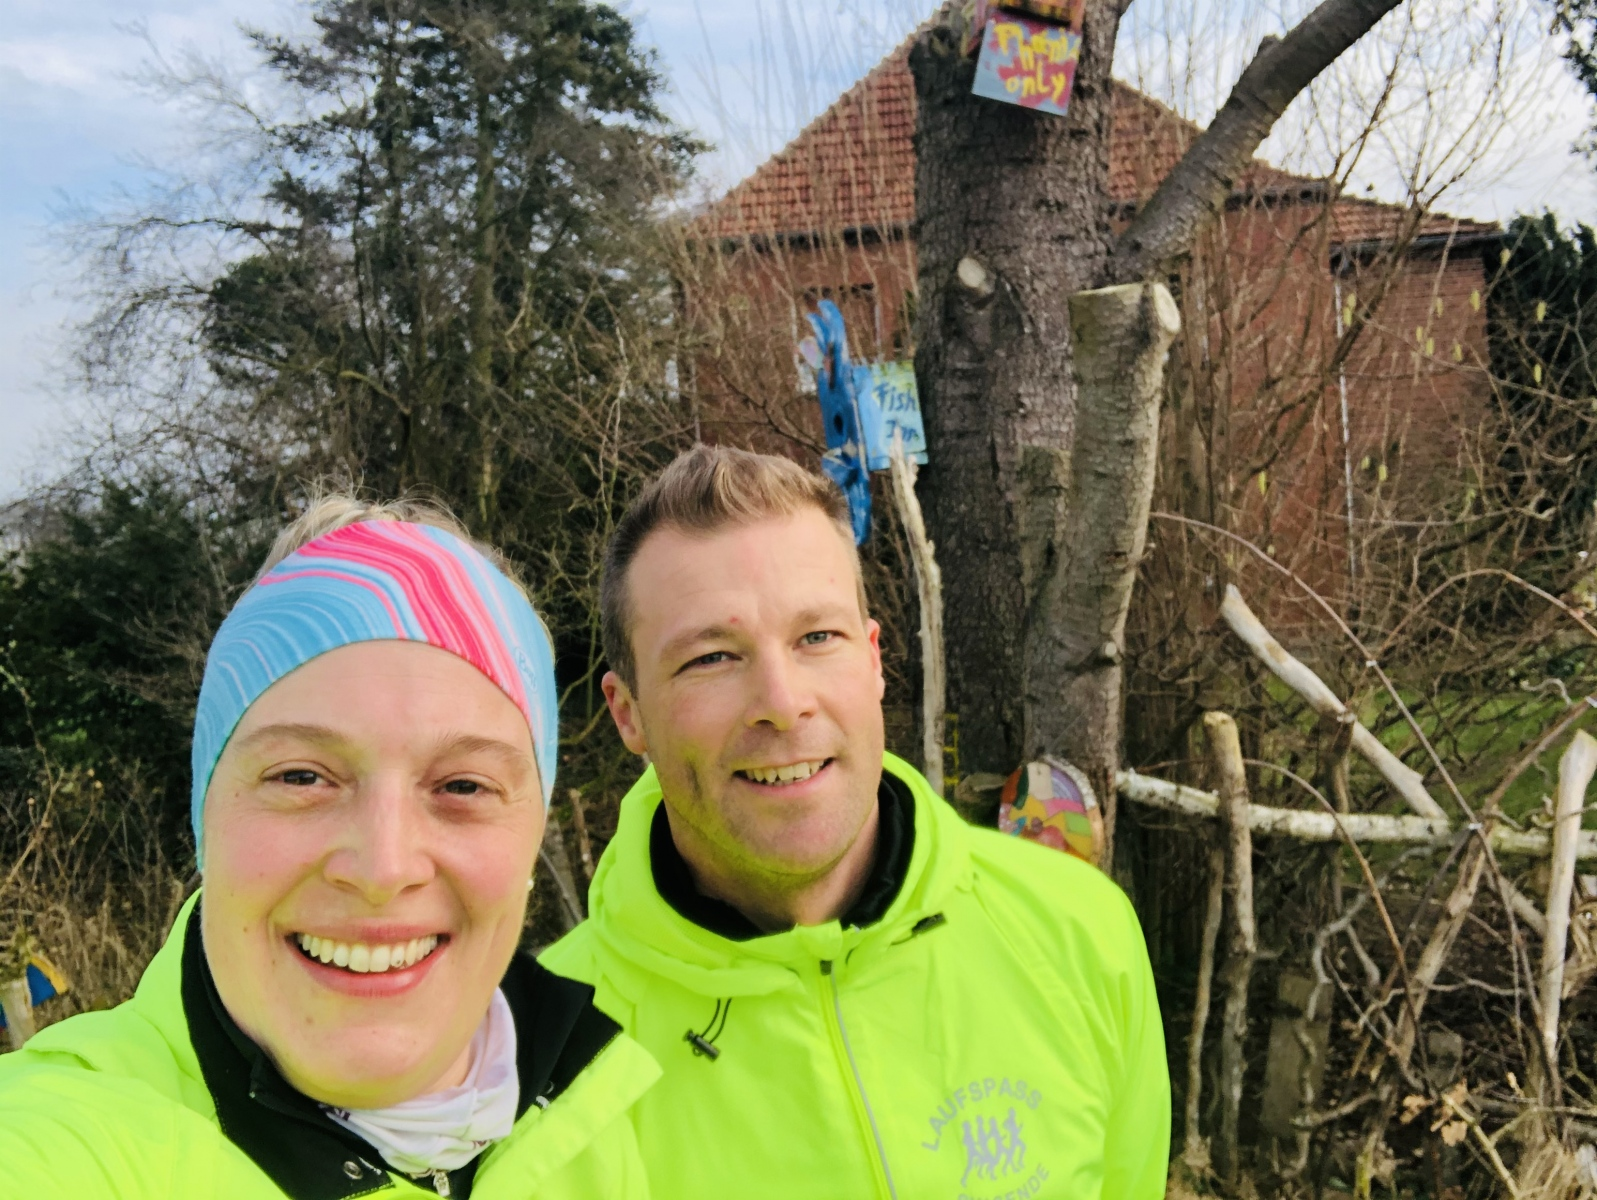 Hassenewert-Eva-4-Challenge-Marathon-Team-SKScV